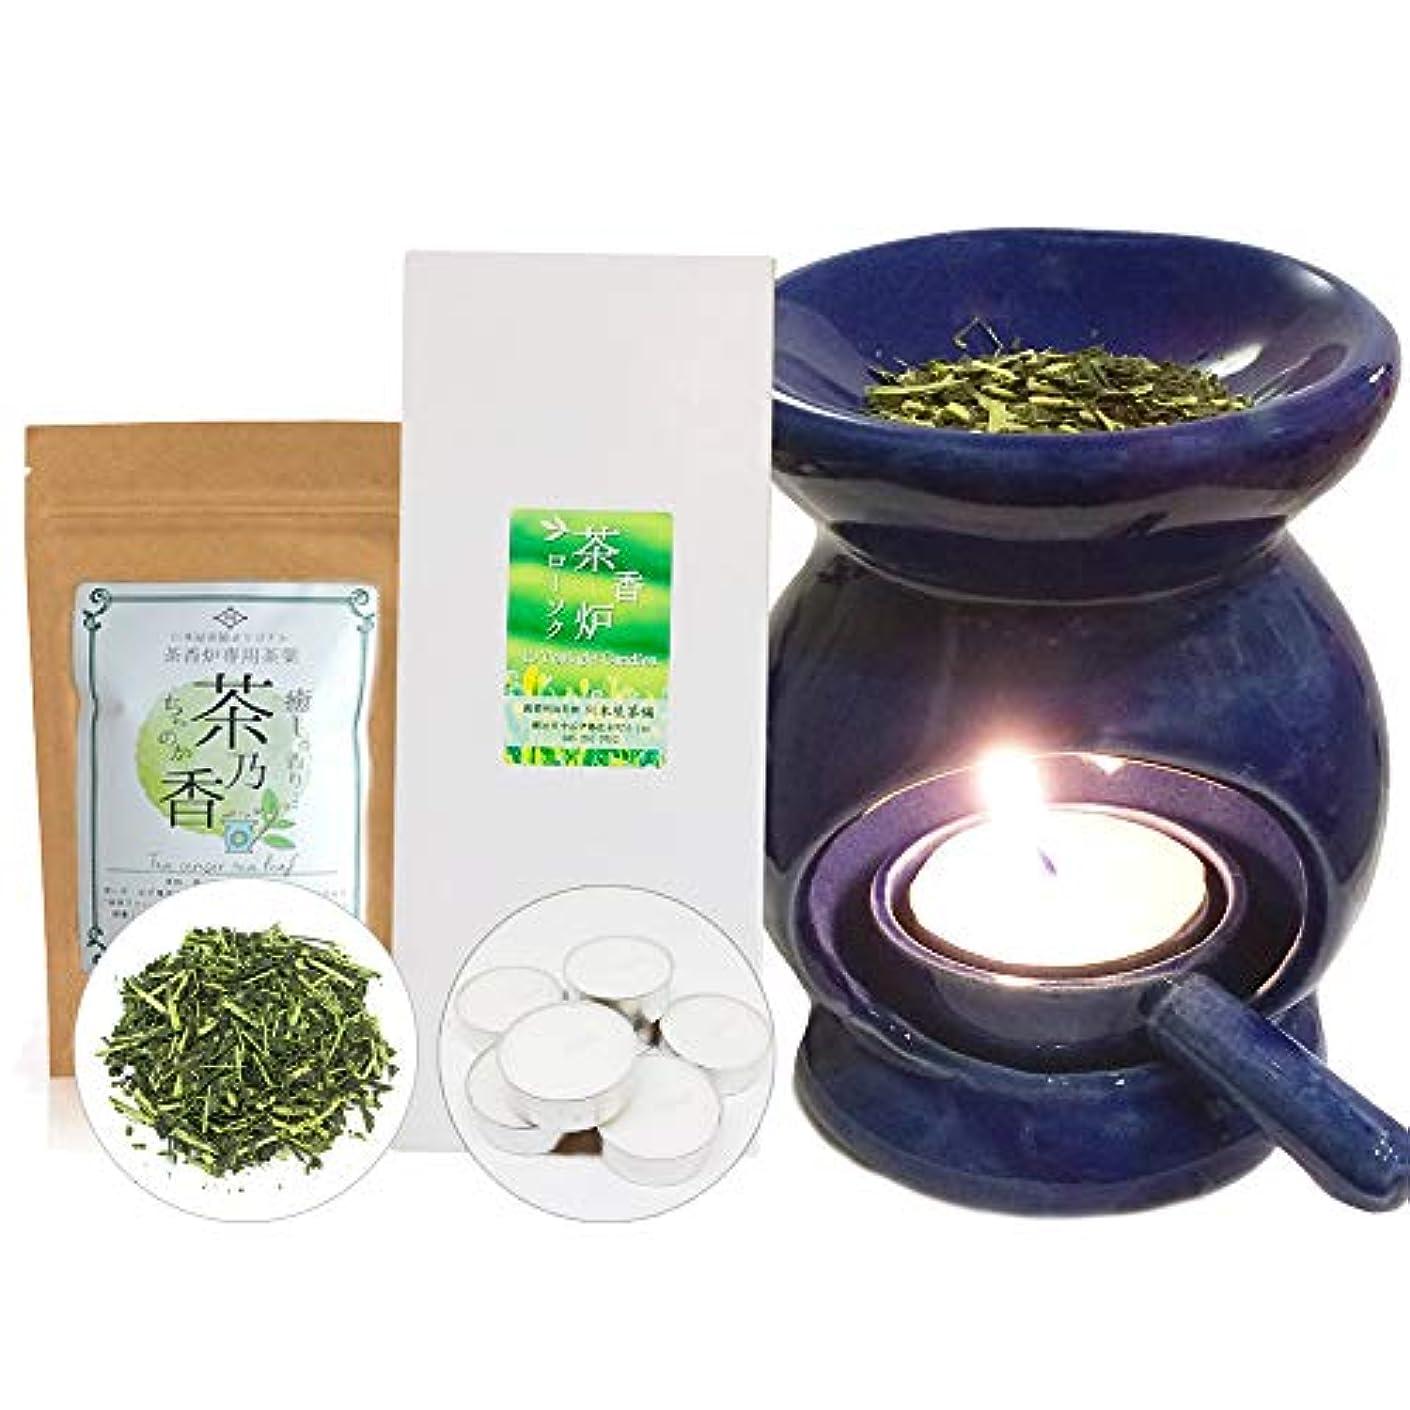 常識乳降伏川本屋茶舗 はじめての茶香炉セット (茶香炉専用茶葉?ローソク付) 届いてすぐ始められる?